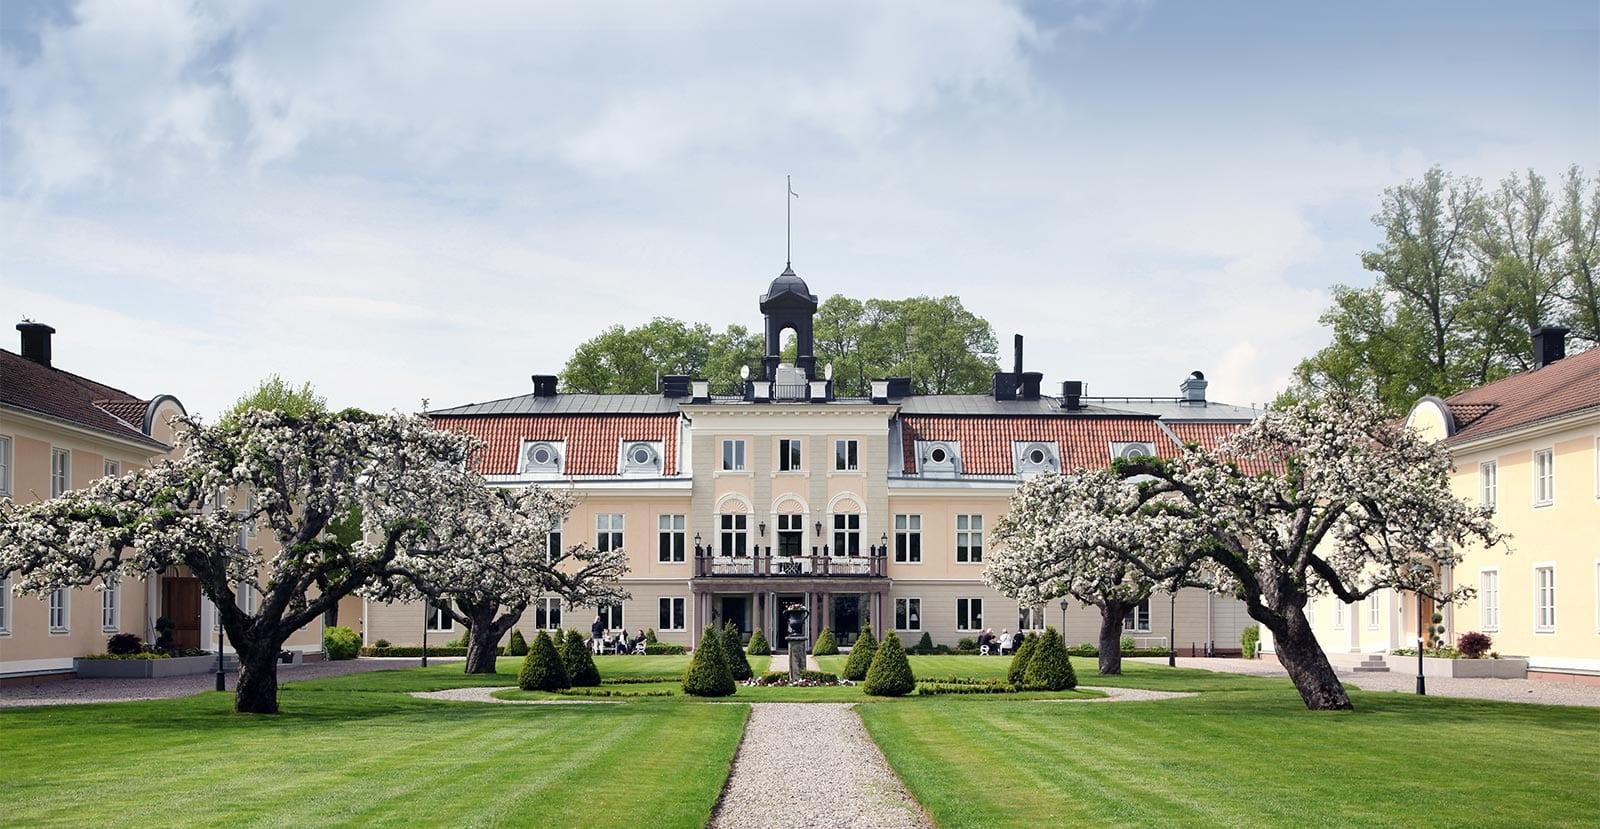 Södertuna Slott utsedda till Årets Slottshotell 2018